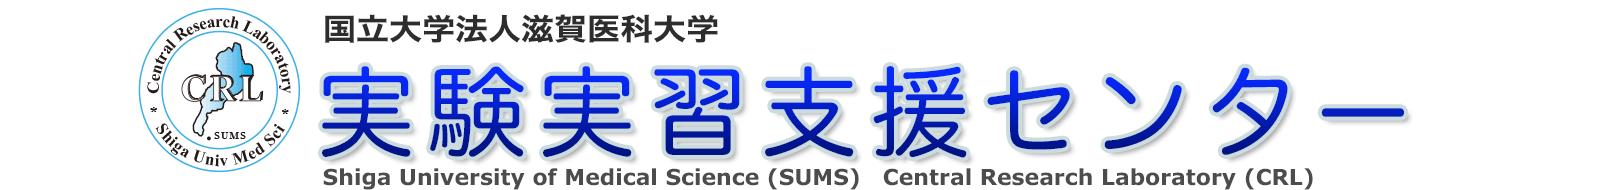 国立法人滋賀医科大学実験実習支援センター